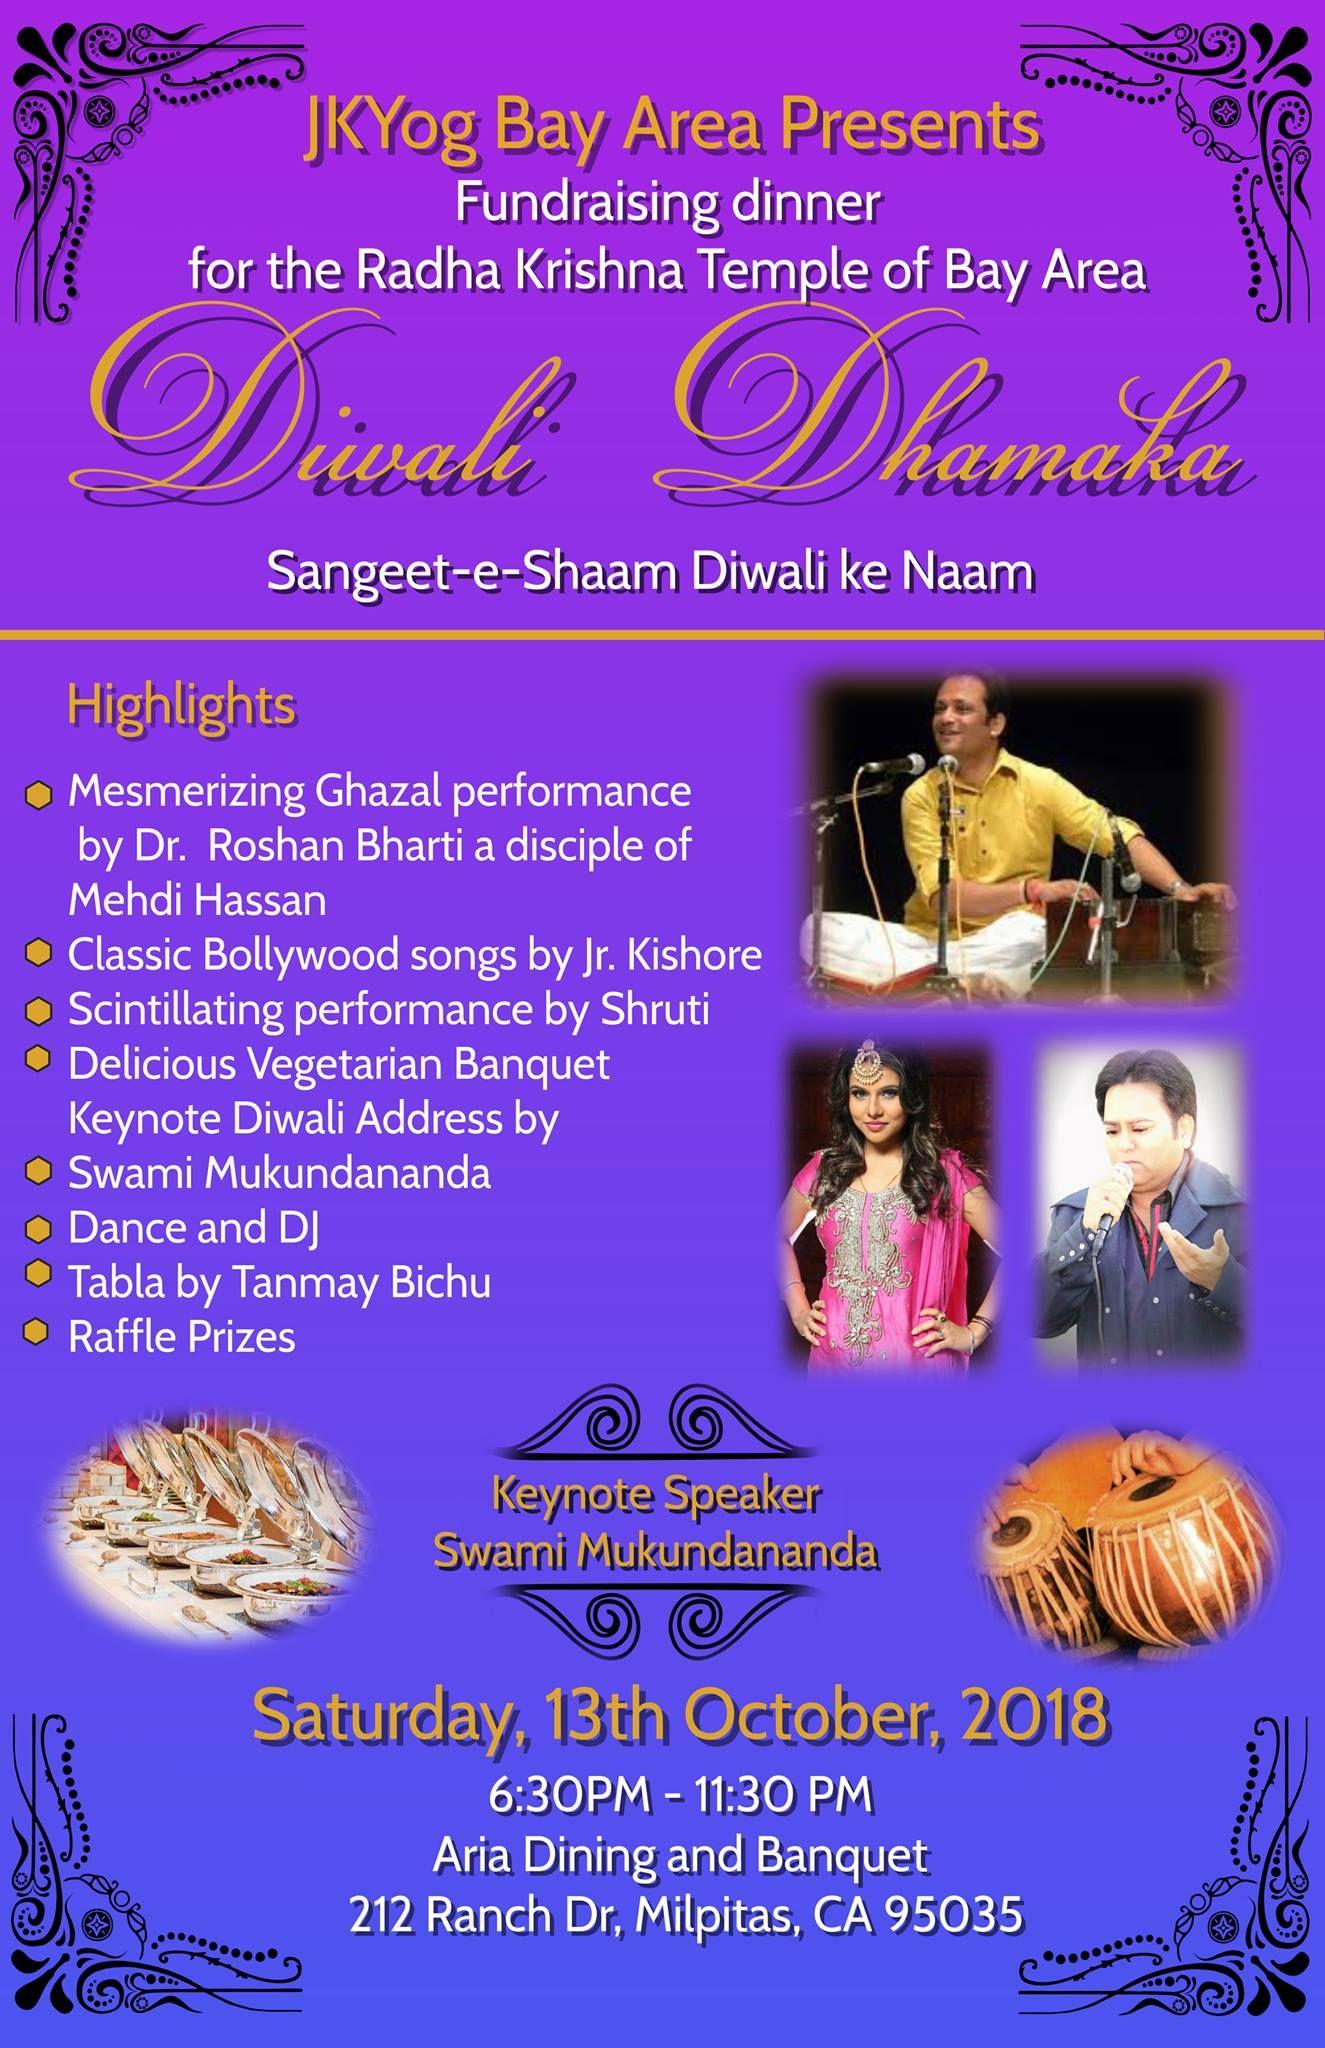 Diwali Dhamaka - Sangeet-e-Shaam Diwali ke Naam